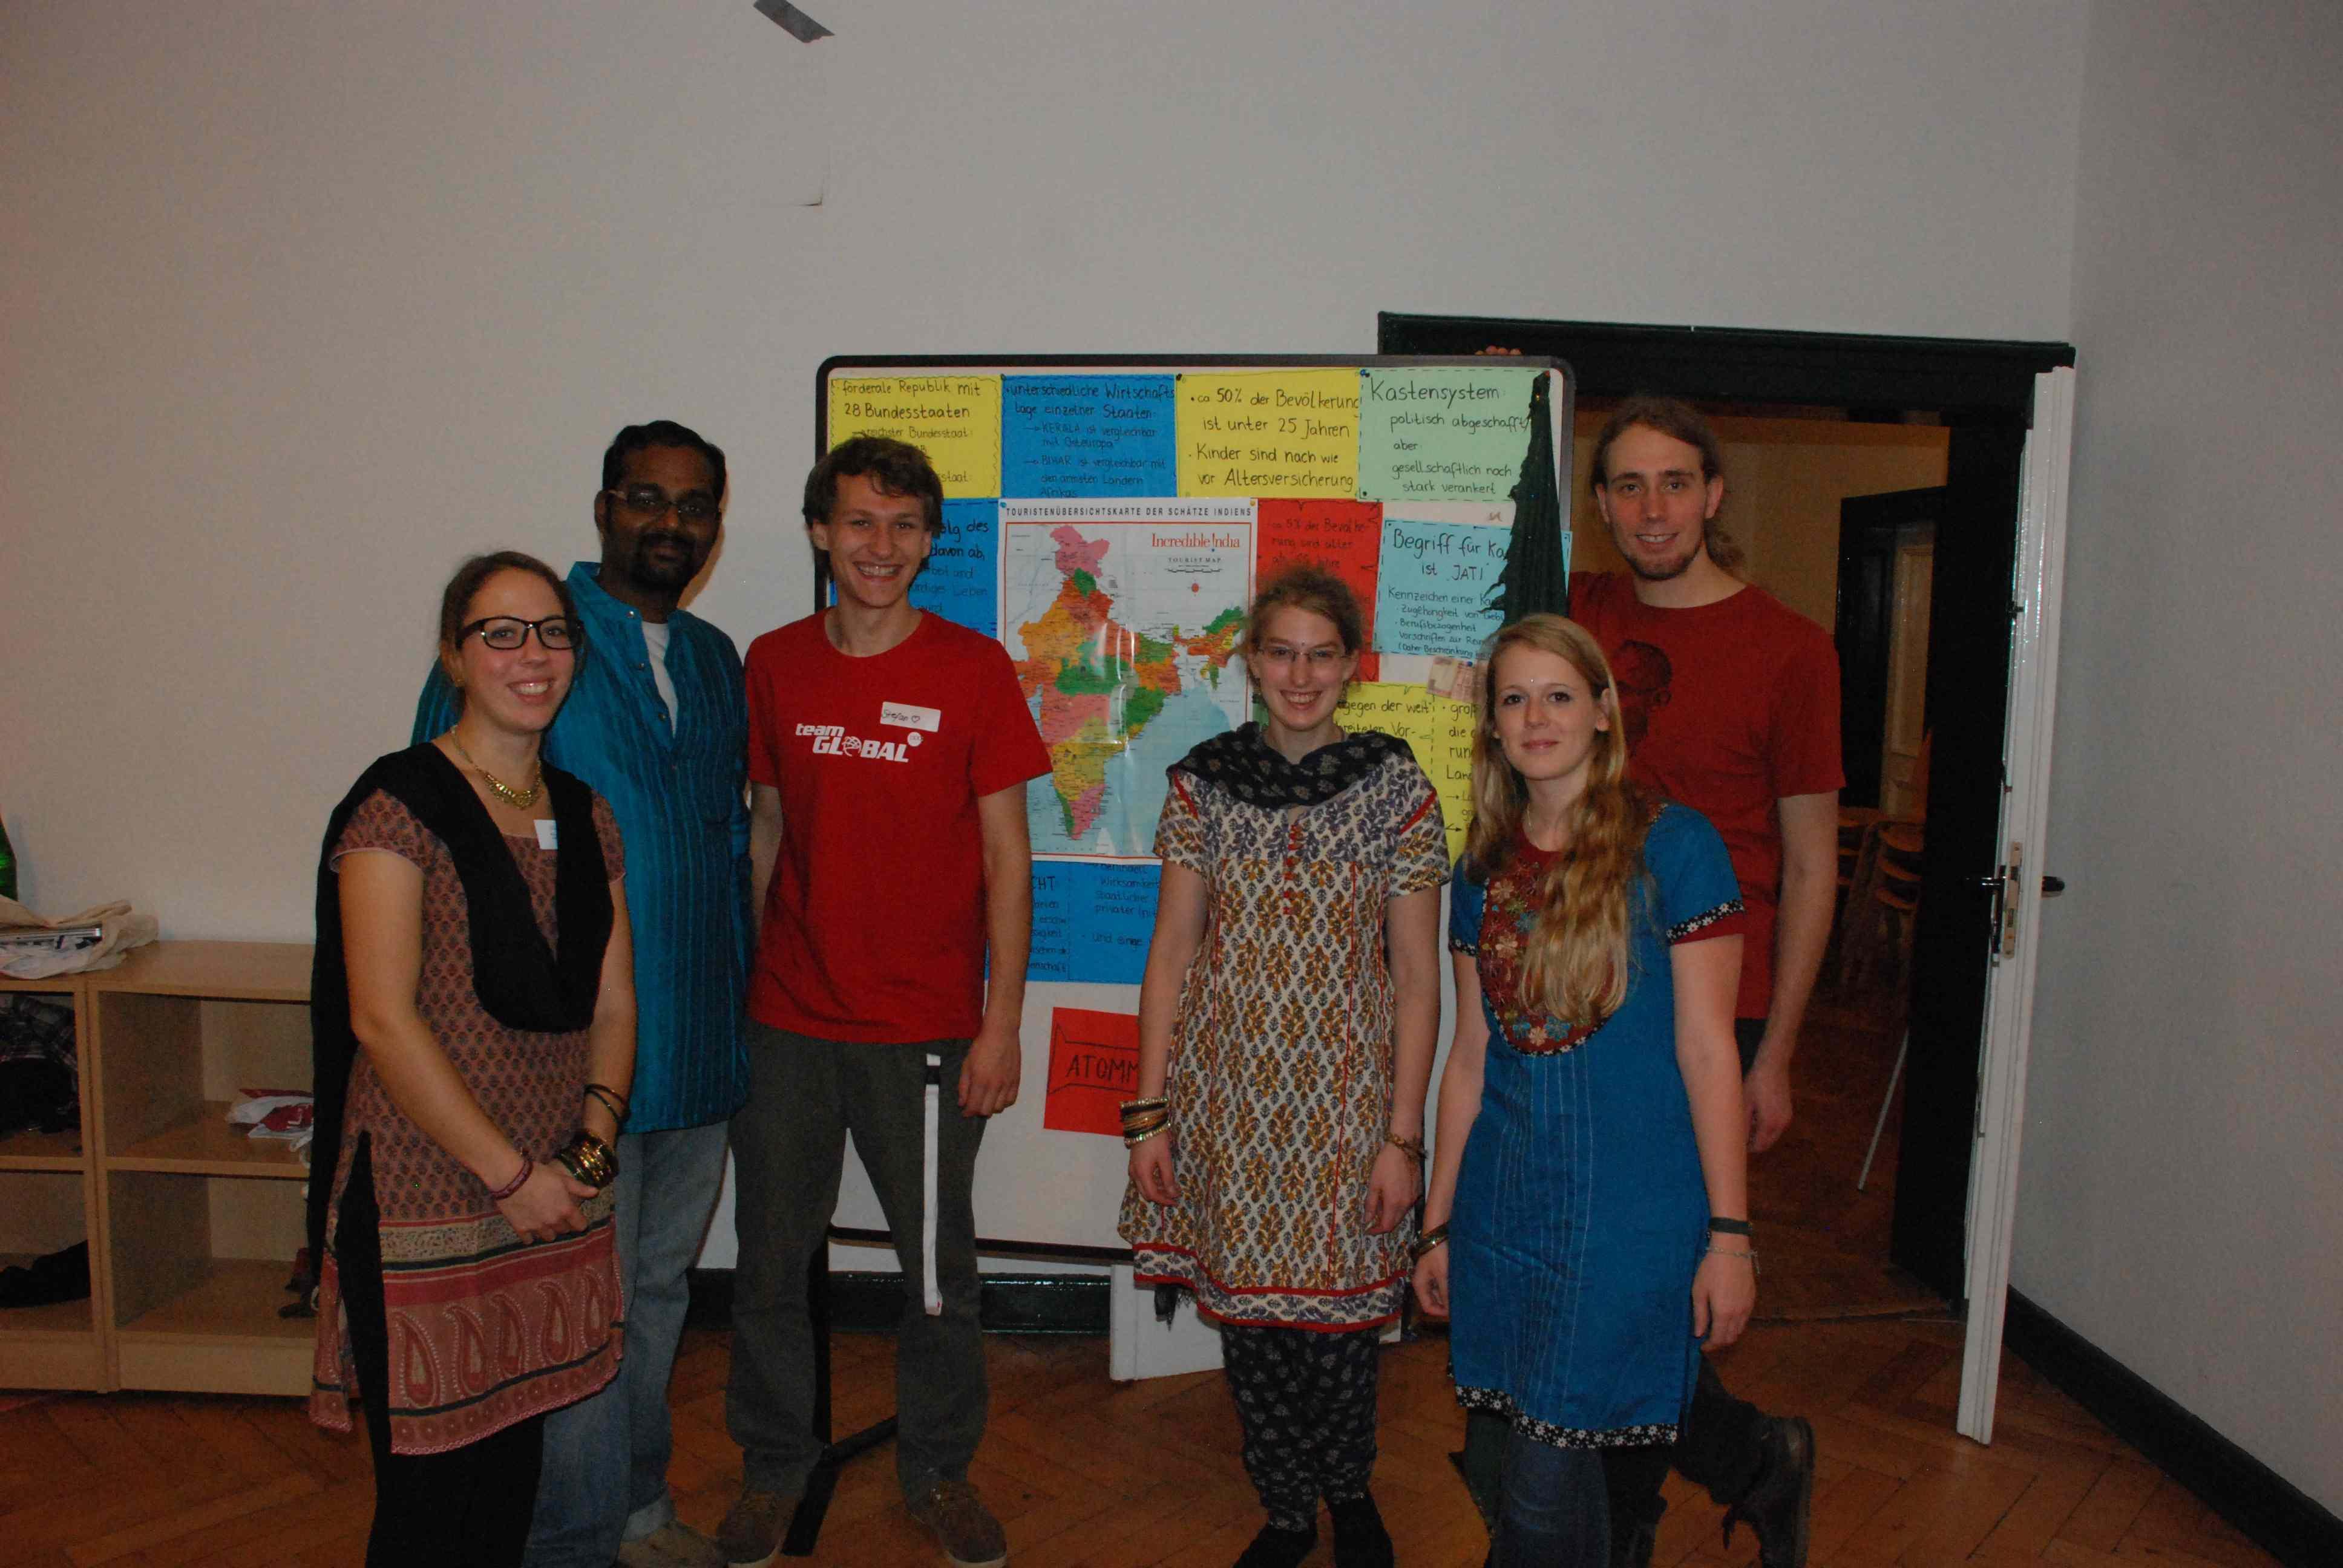 Jugendbeirat beim Jugendkongress der Bundeszentrale für politische Bildung